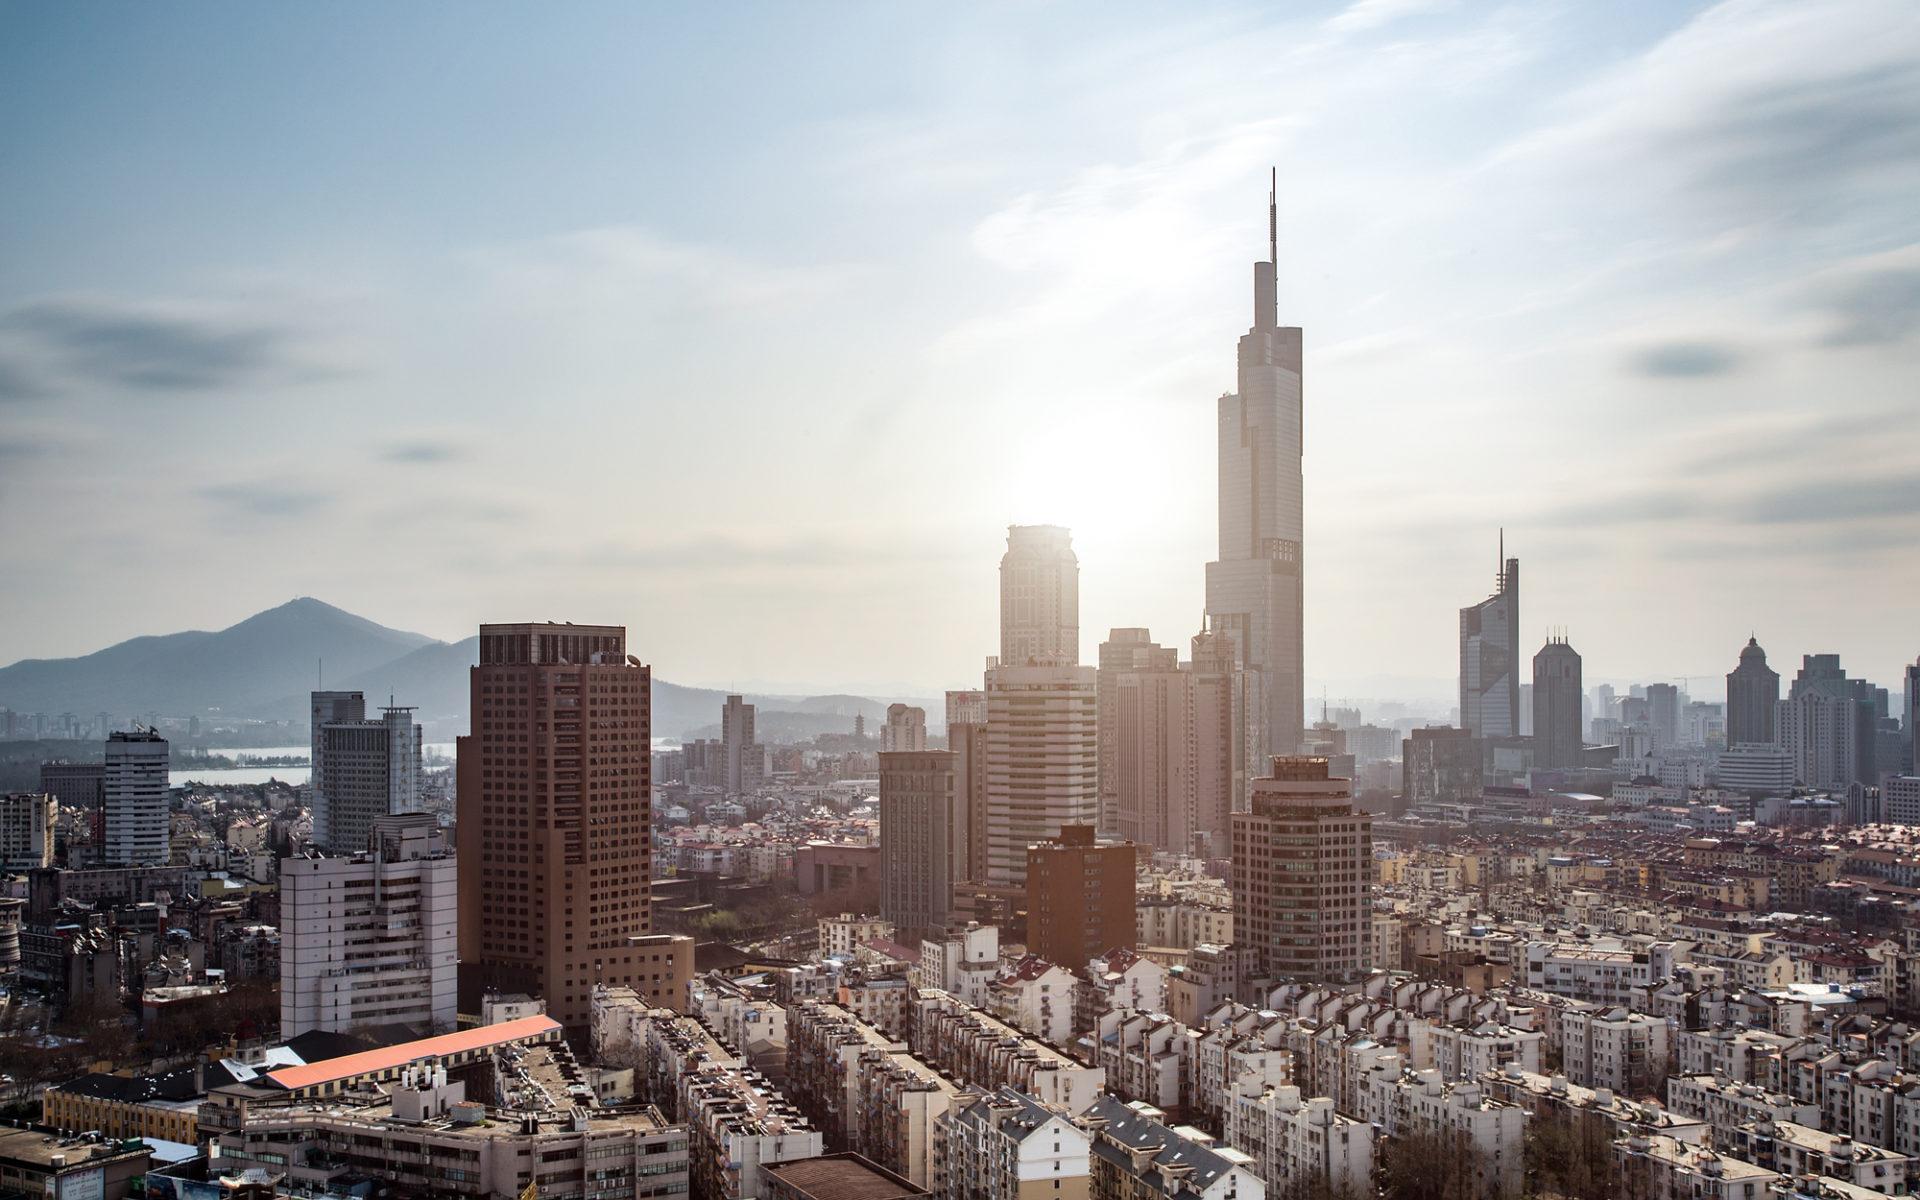 9. Финансовый центр Наньцзин-Гринлэнд (Нанкин, Китай) – 450 метров.